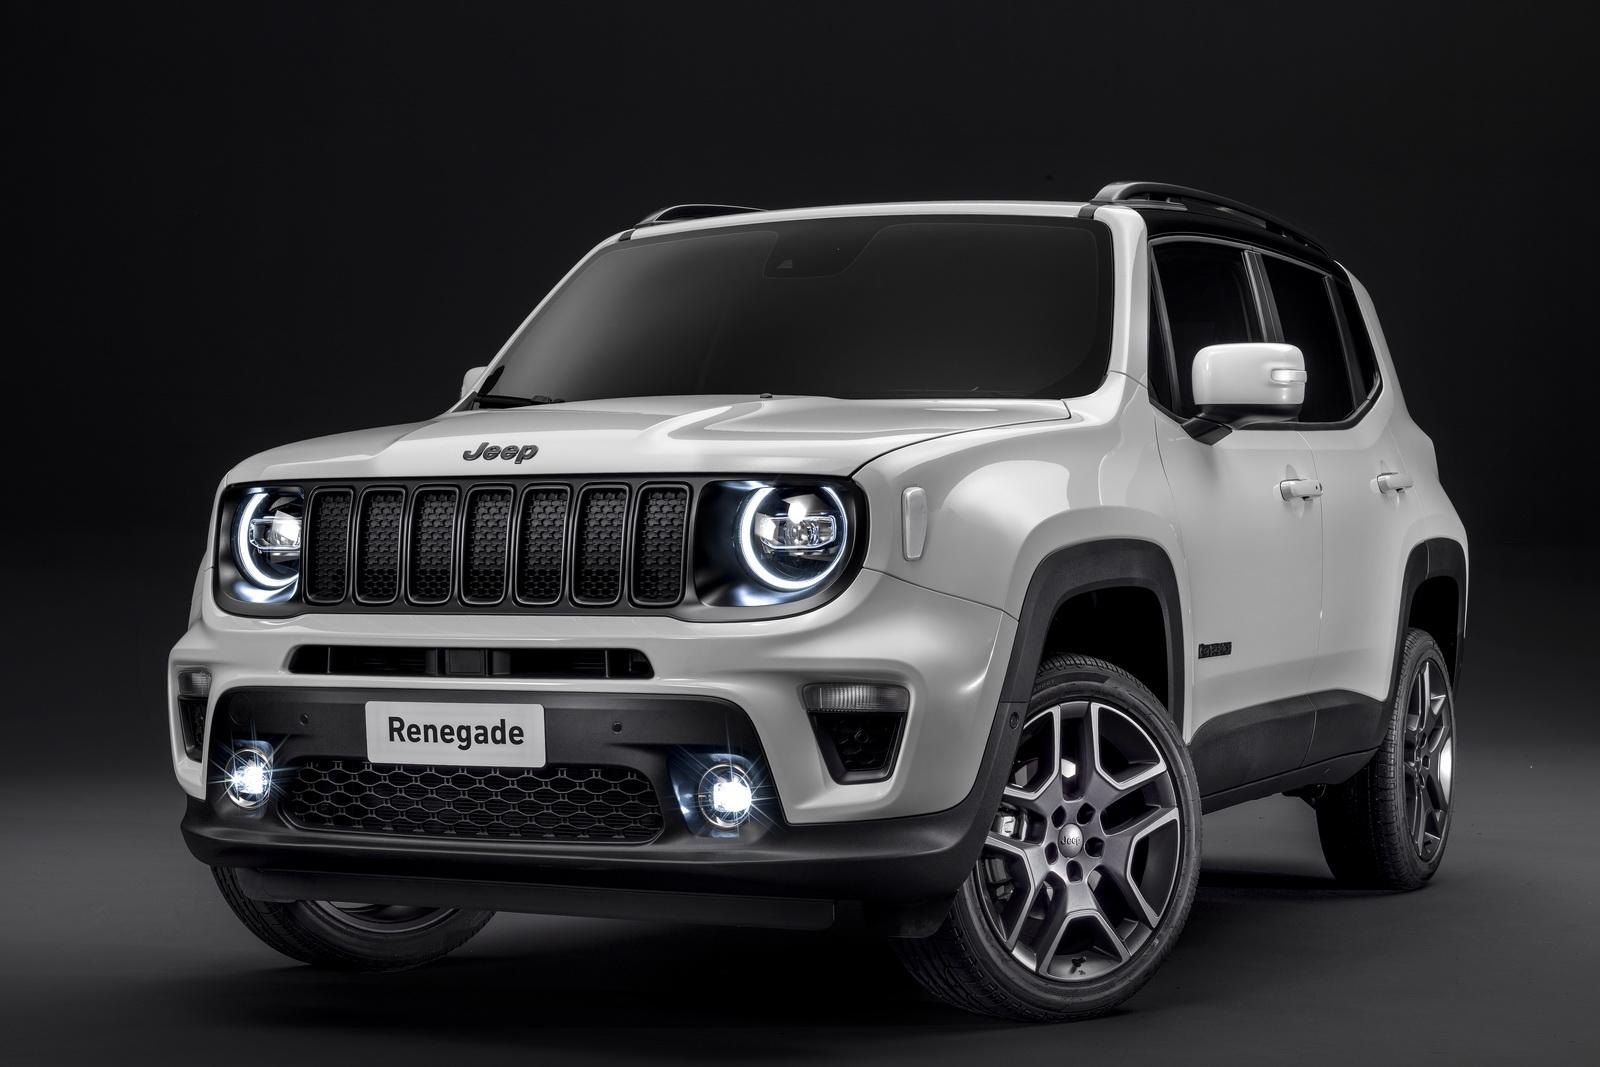 jeep-renagade-s_2